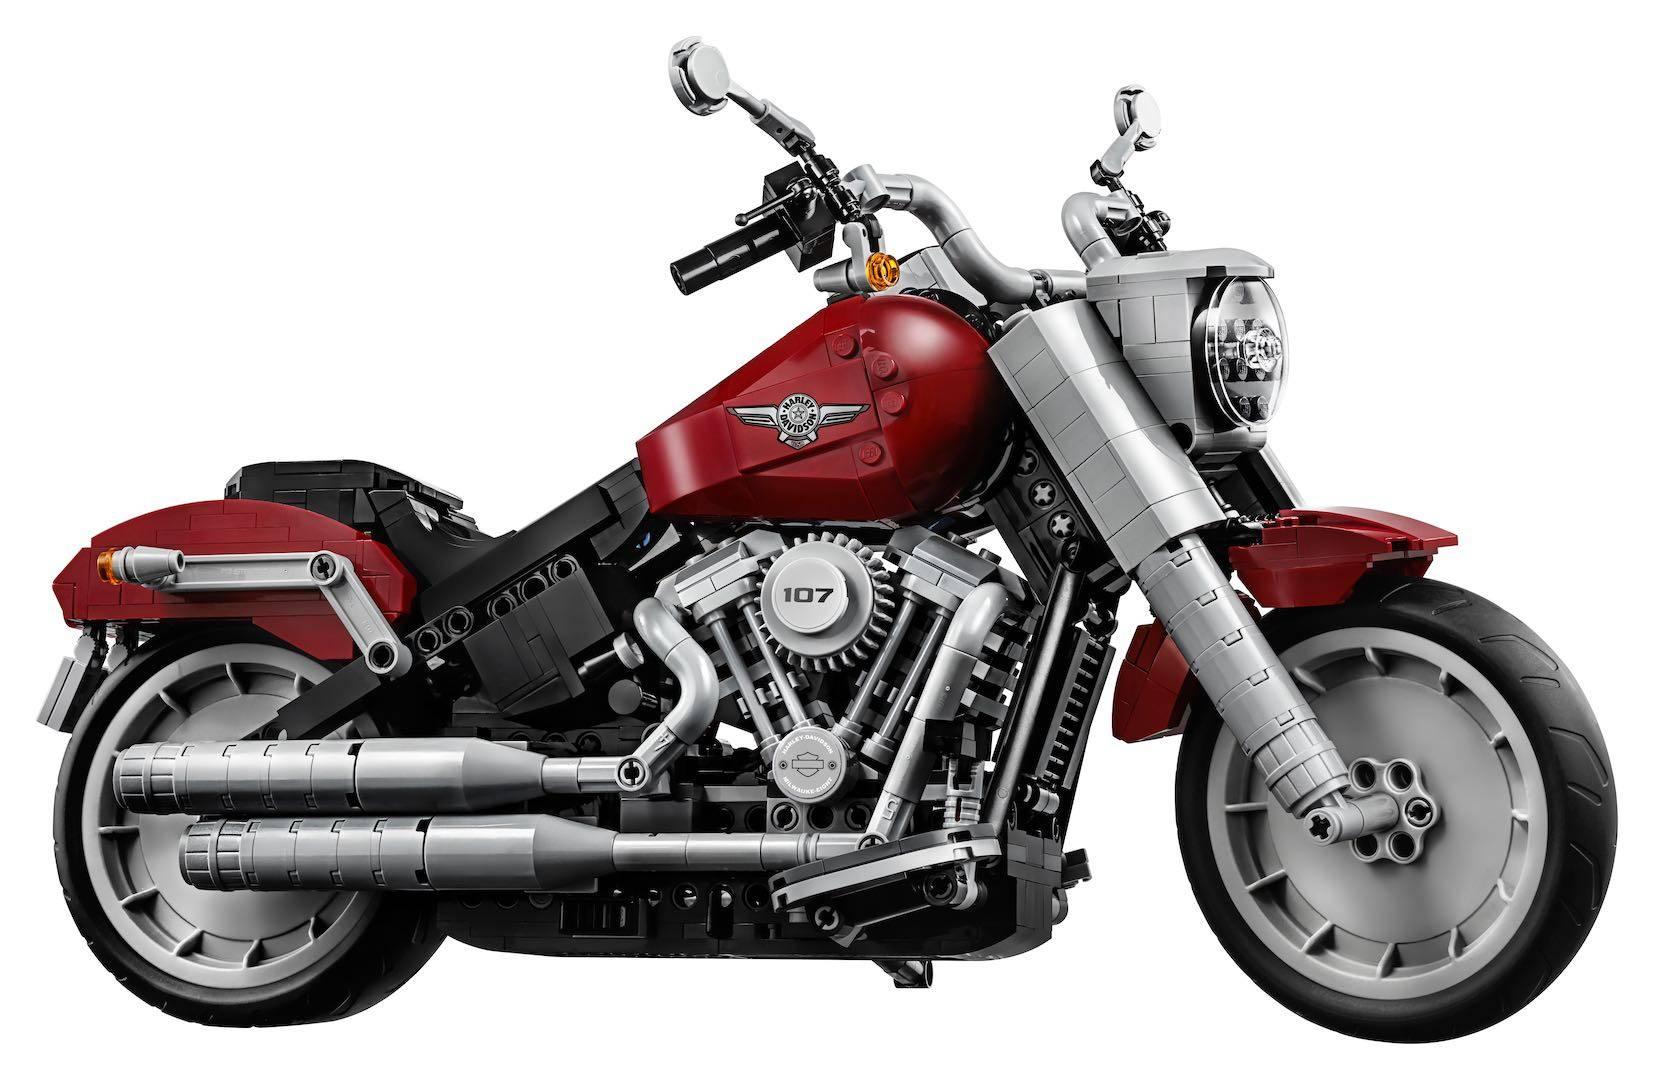 LEGO Harley Davidson Fat Boy 10269